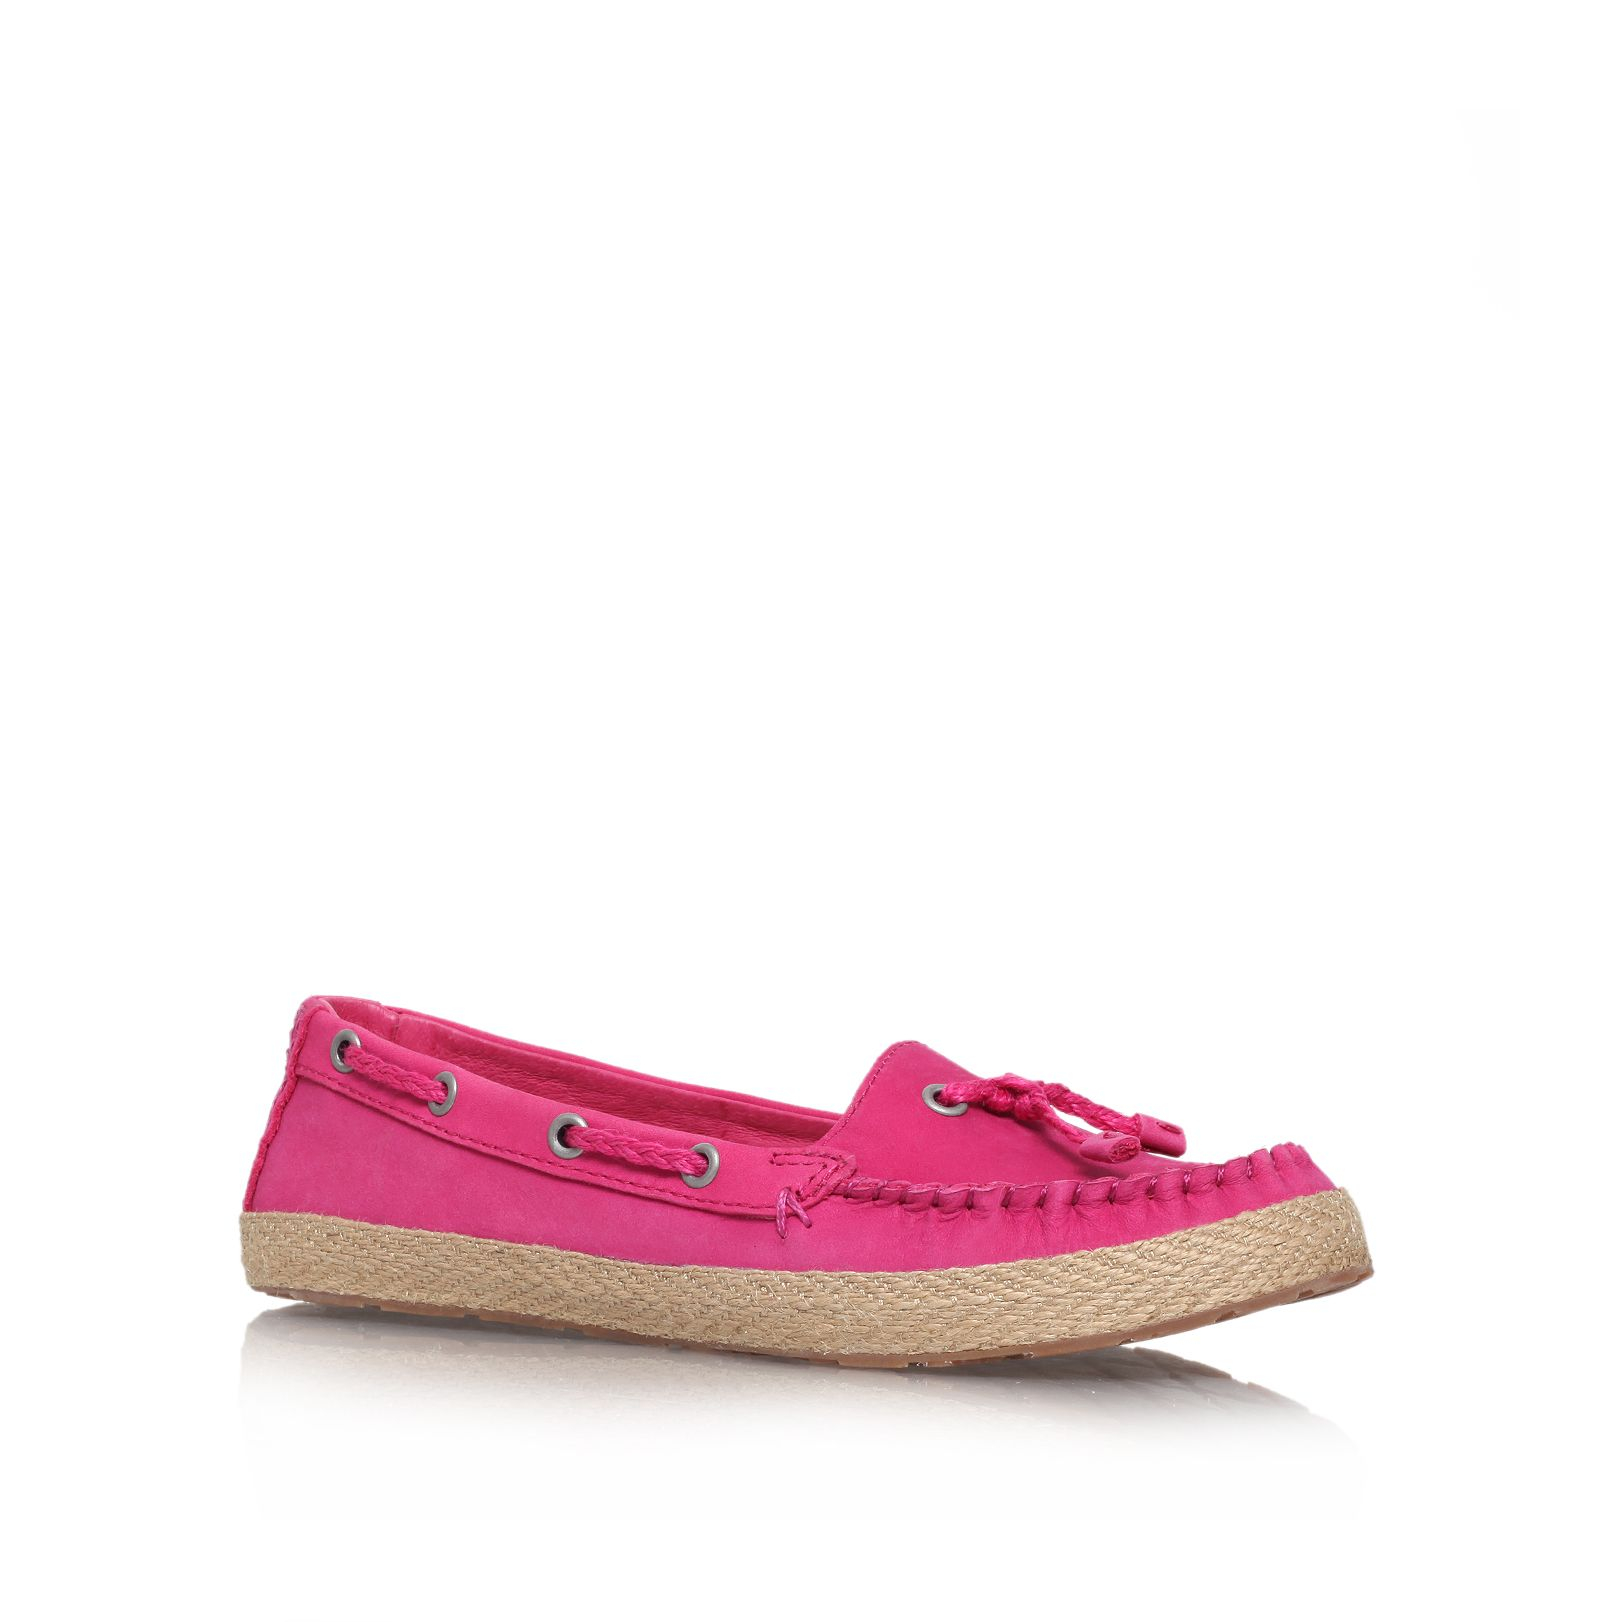 ugg flat shoes uk